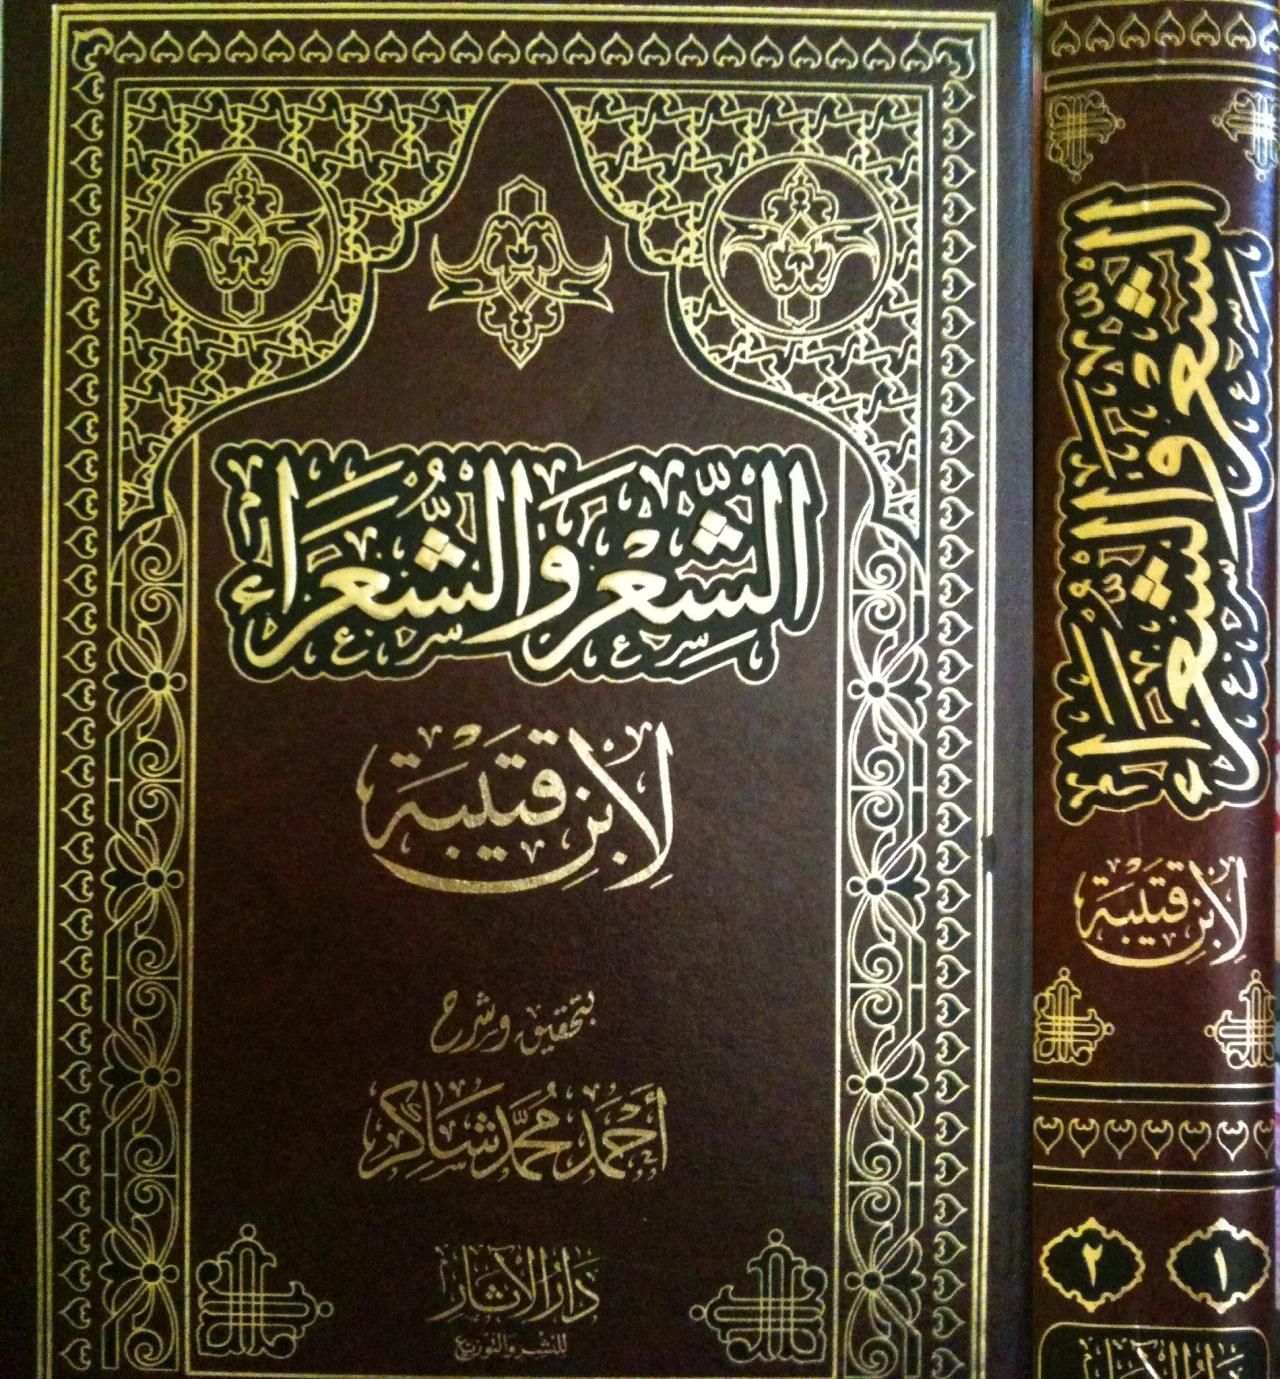 صور العصر الذهبي للادب العربي , في اي العصور ازدهر الادب